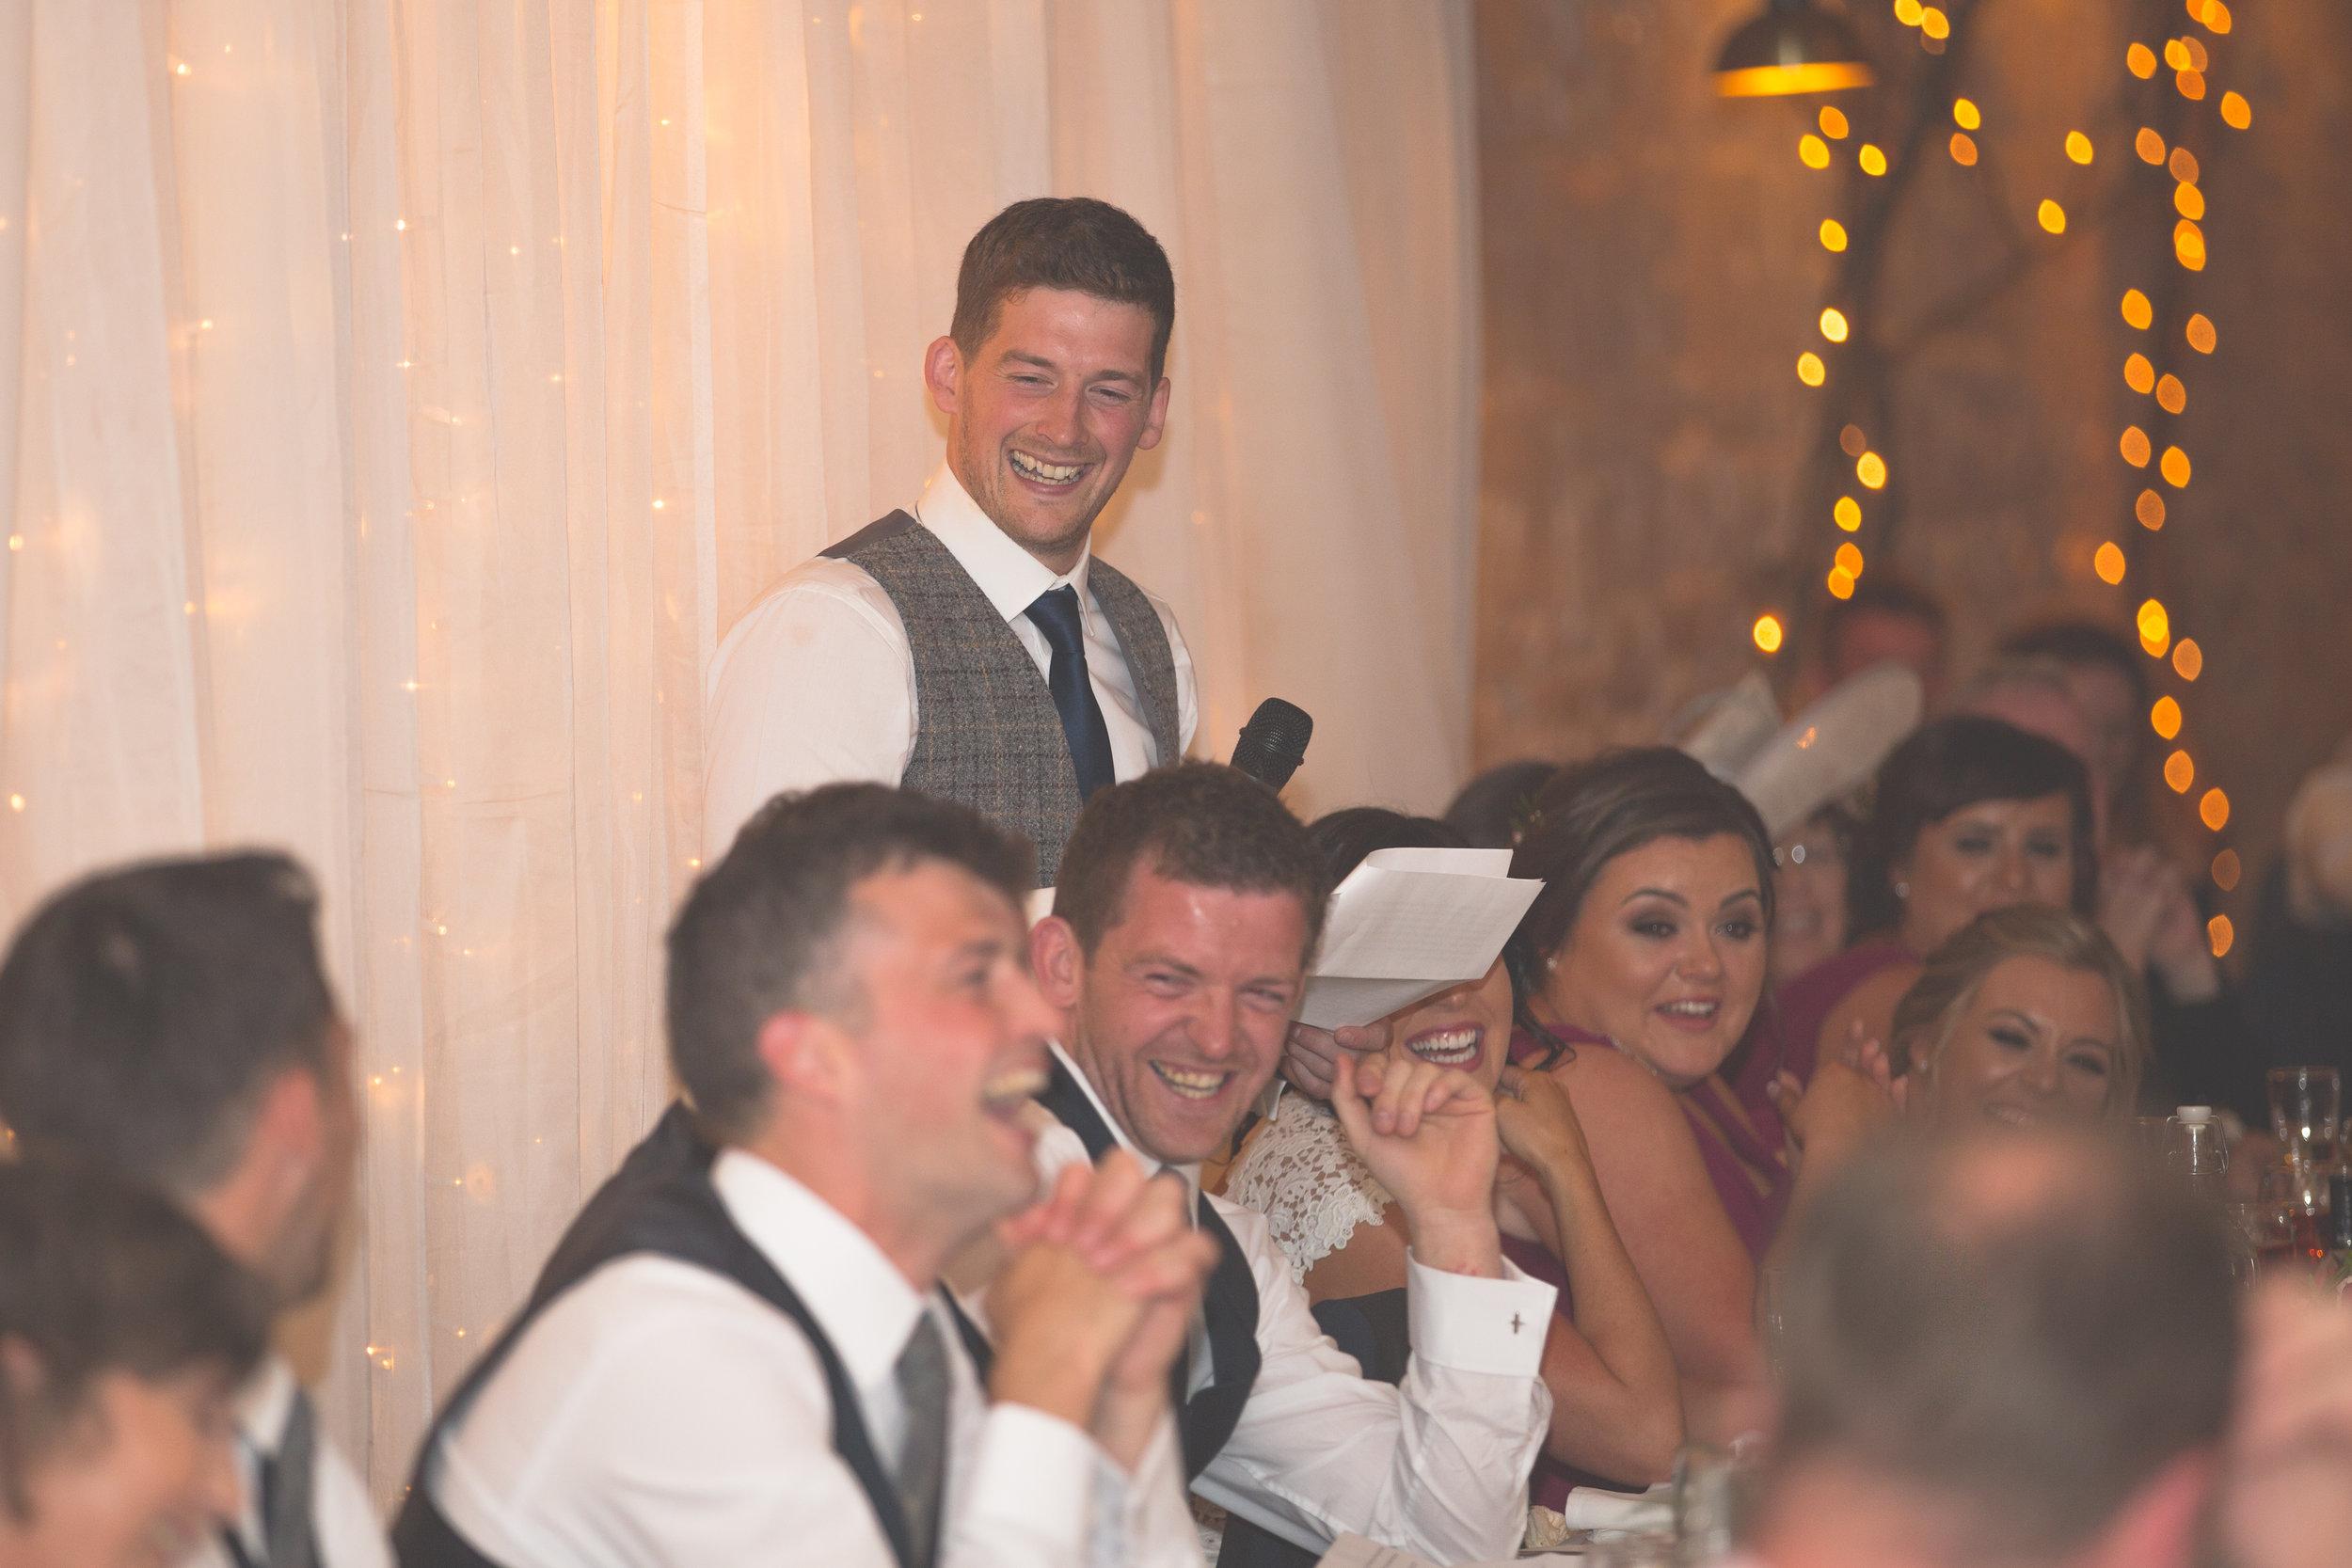 Brian McEwan Wedding Photography | Carol-Anne & Sean | The Speeches-76.jpg